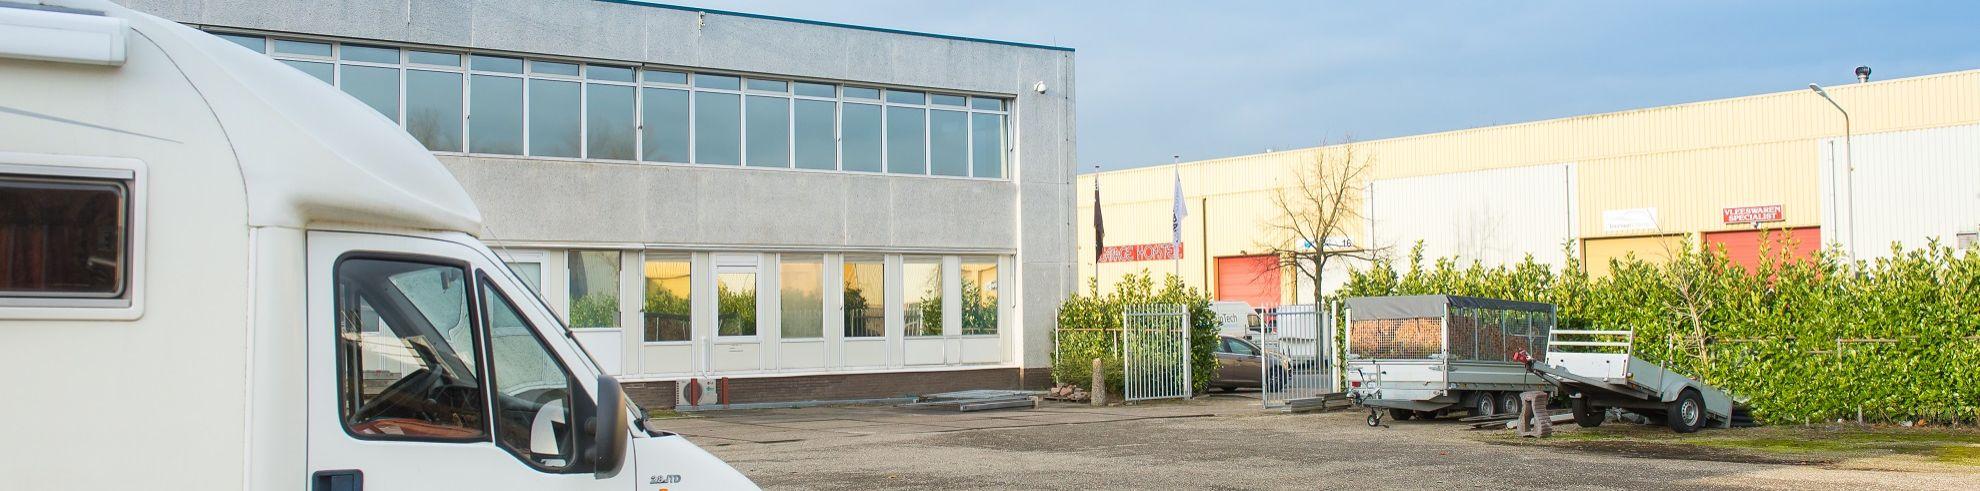 Bedrijvenpark Kabelweg Huizen 'Stalling' (2)